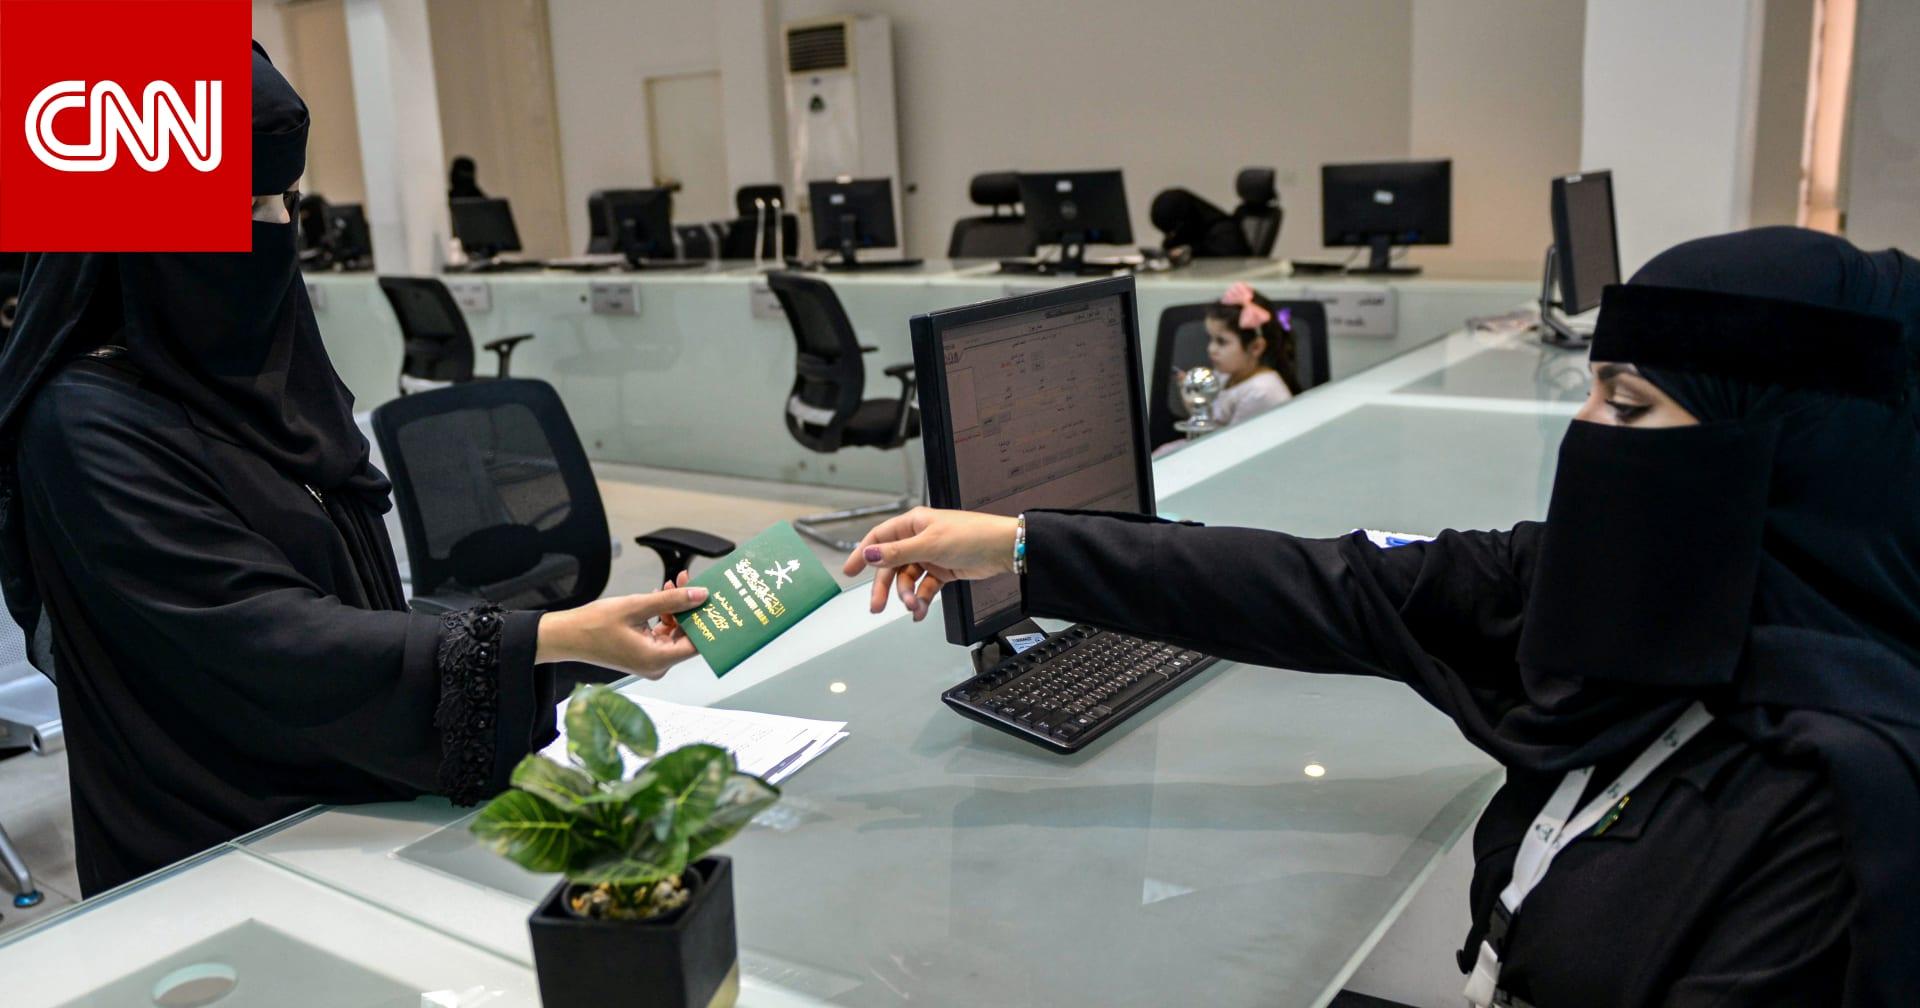 الإمارات الأولى.. ترتيب جوازات السفر العربية الأكثر قوة حول العالم خلال جائحة كورونا